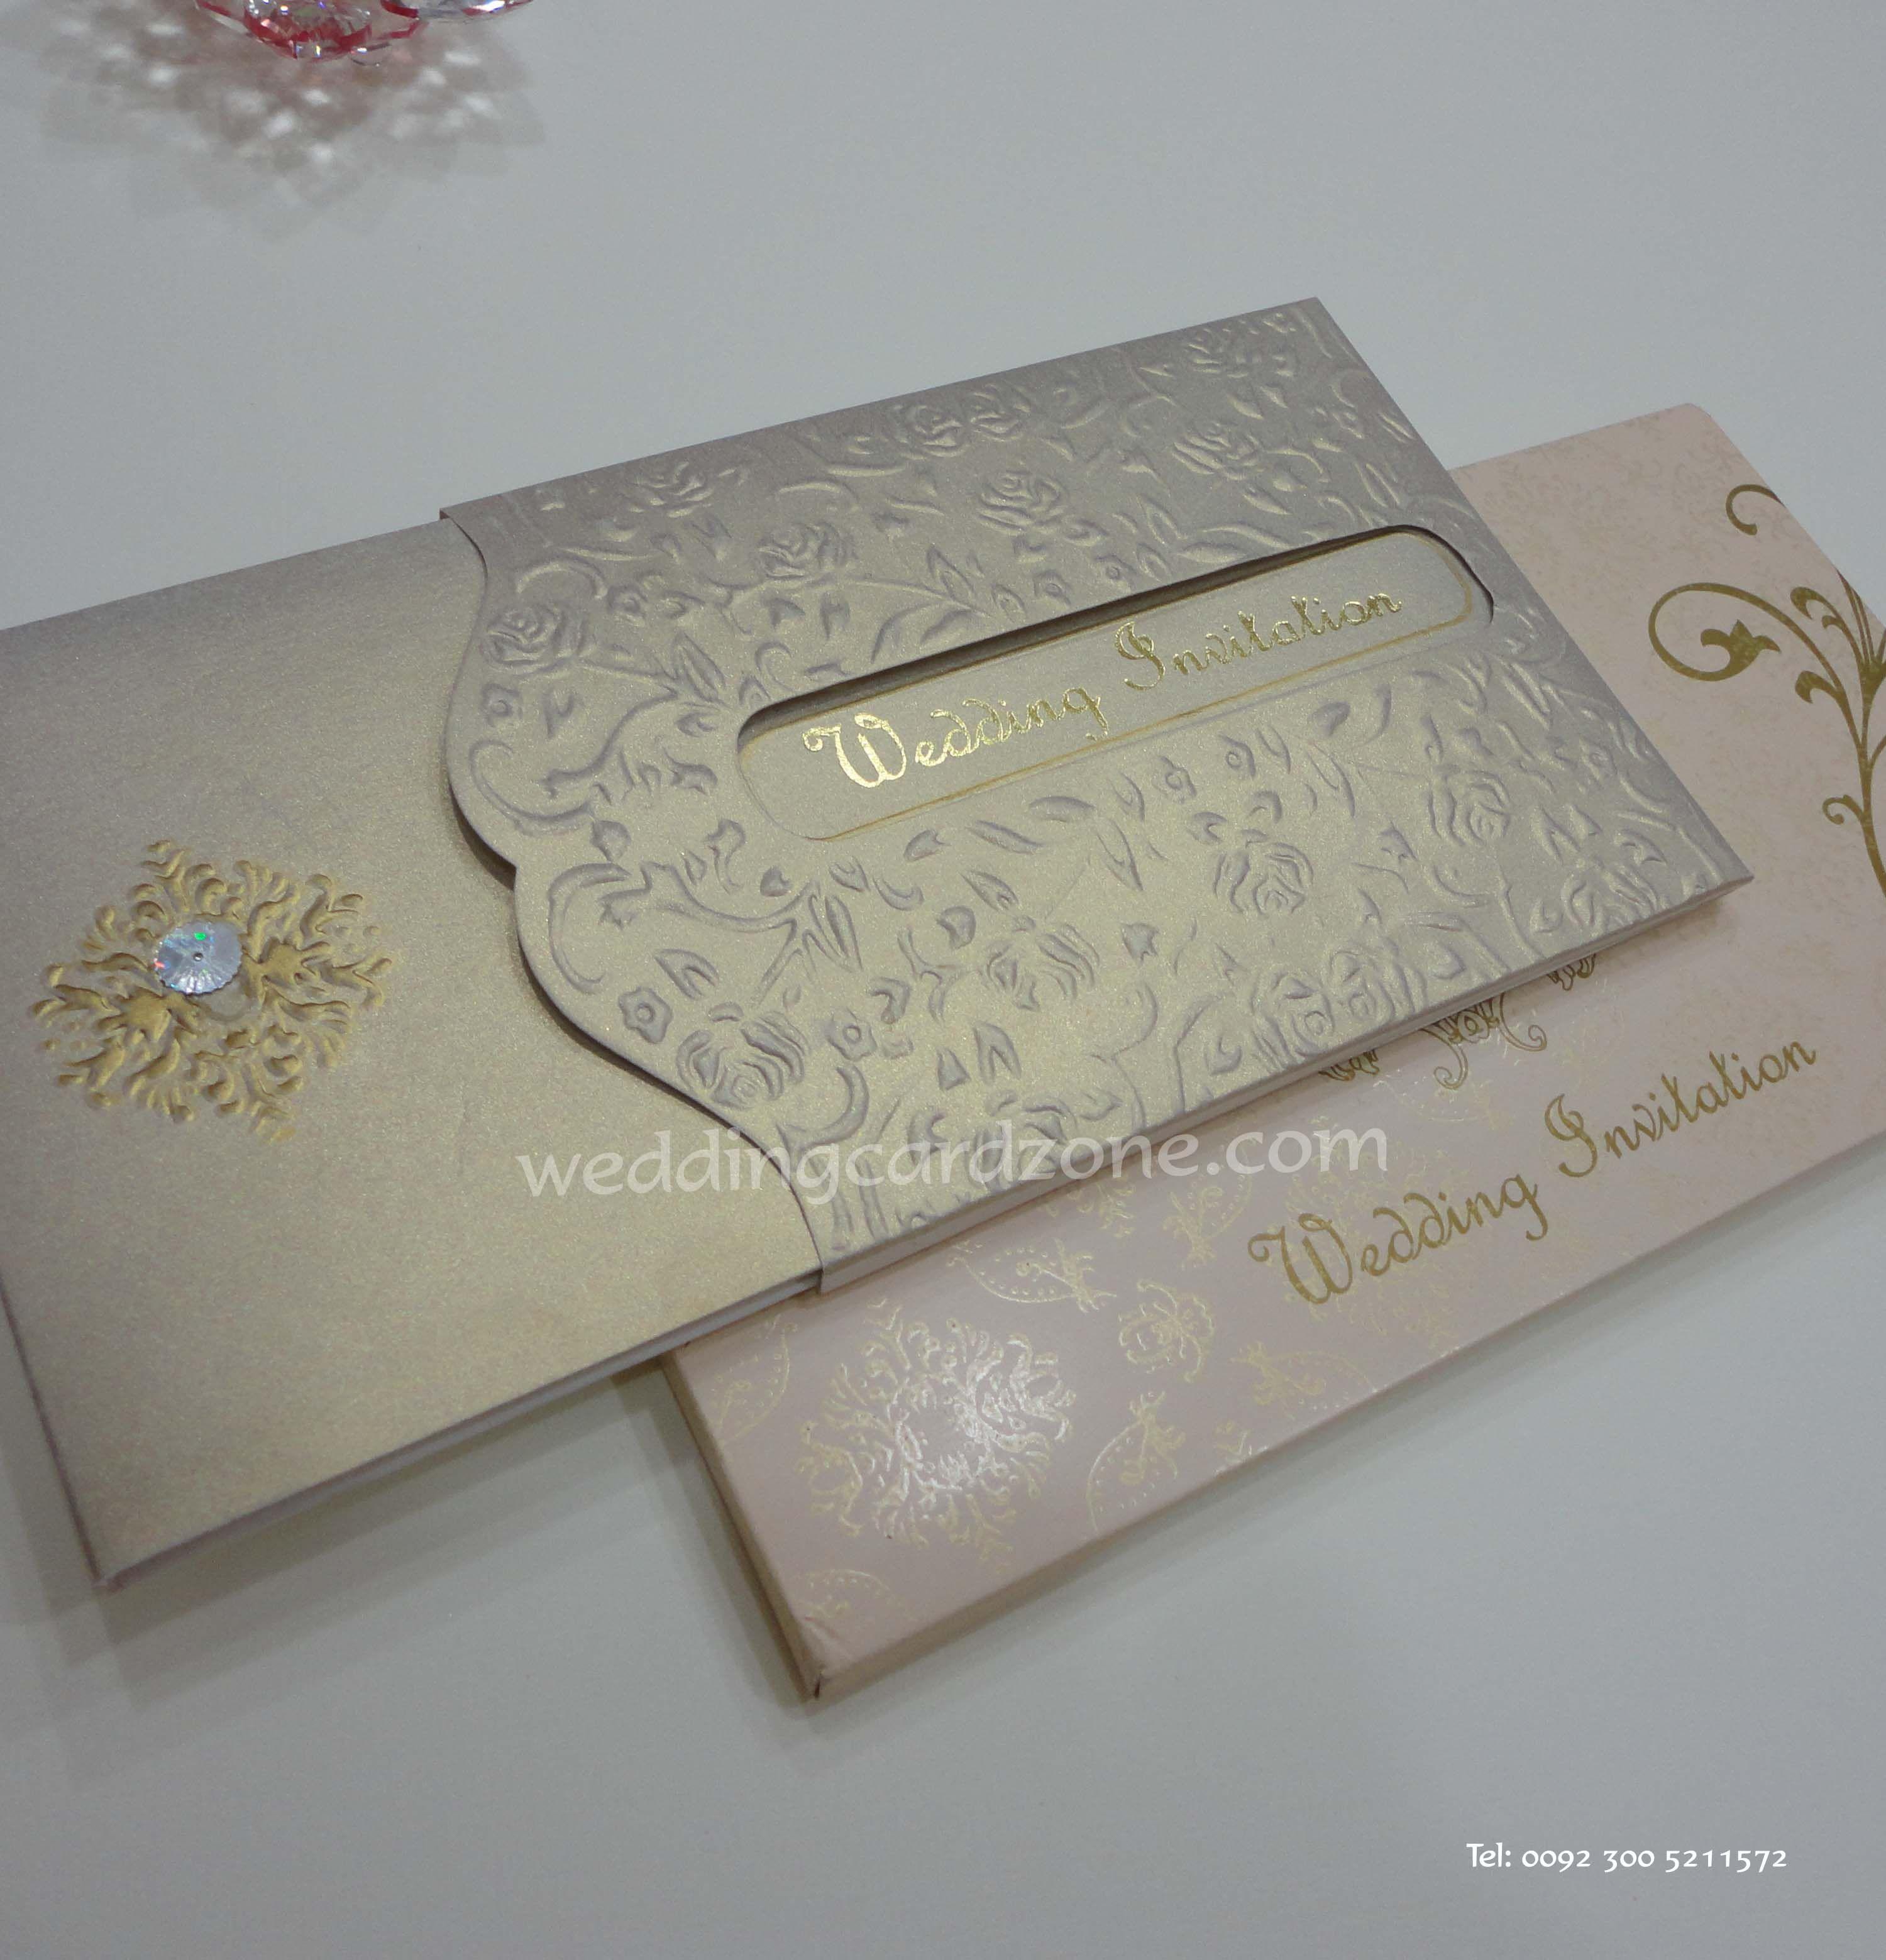 Pakistani wedding invitations